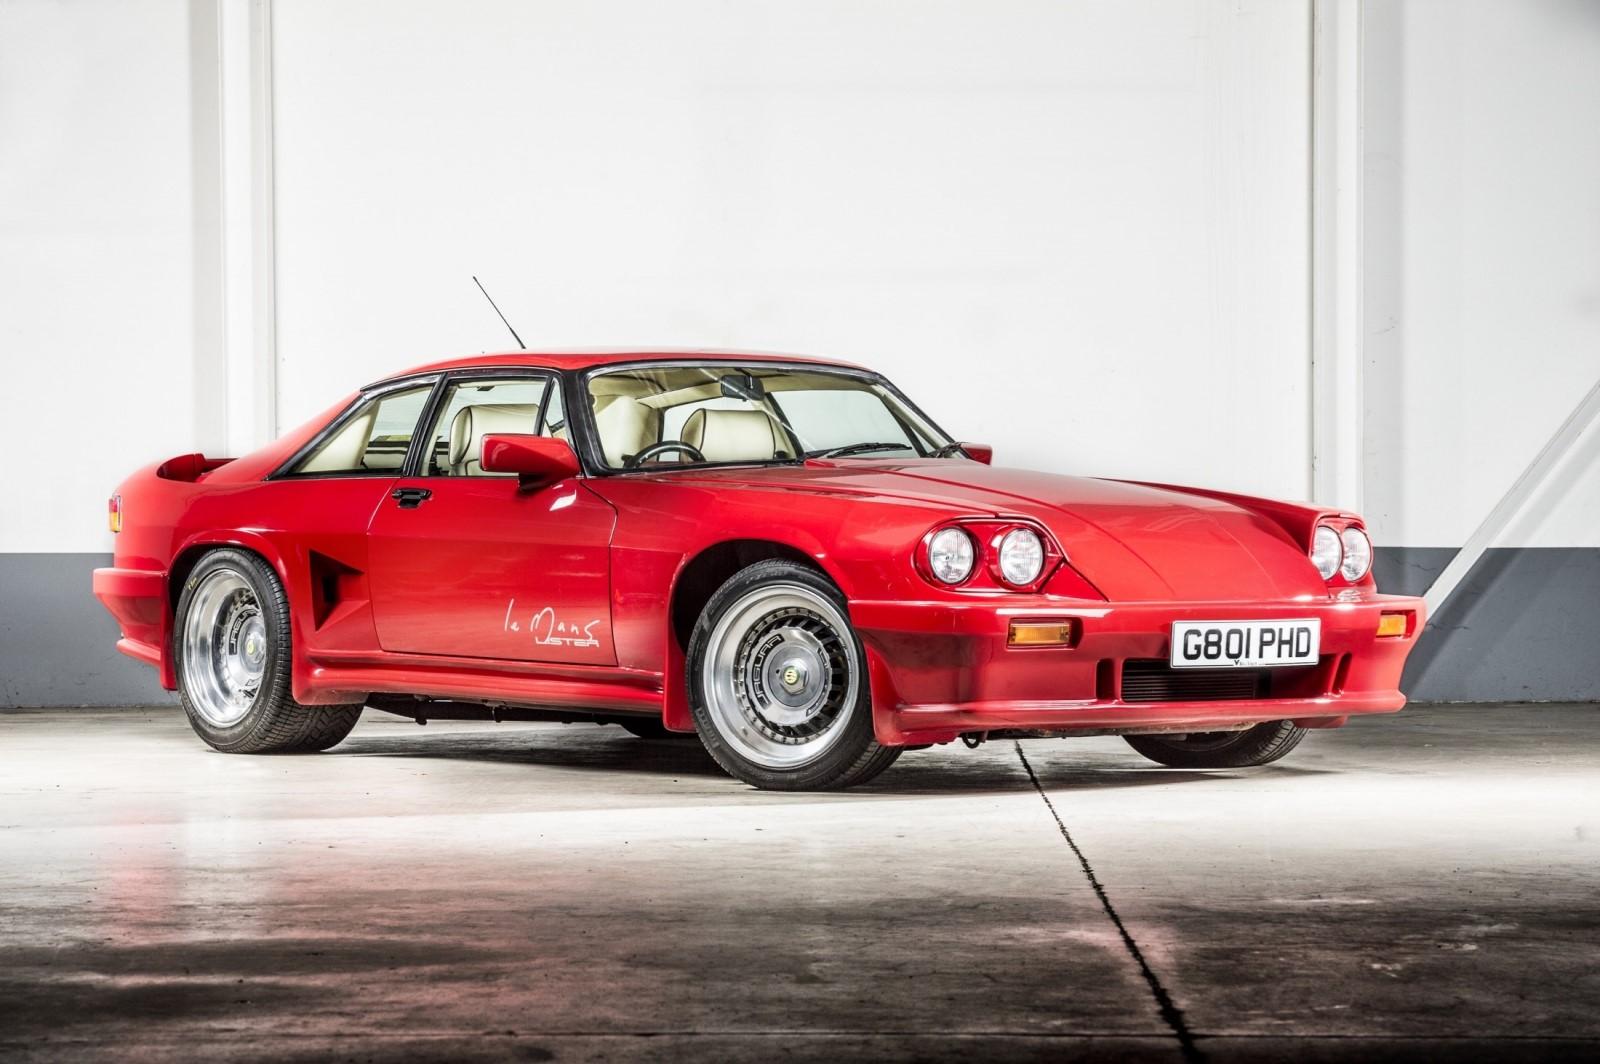 Lister Jaguar XJS 7.0 Le Mans Coupe for sale (1)